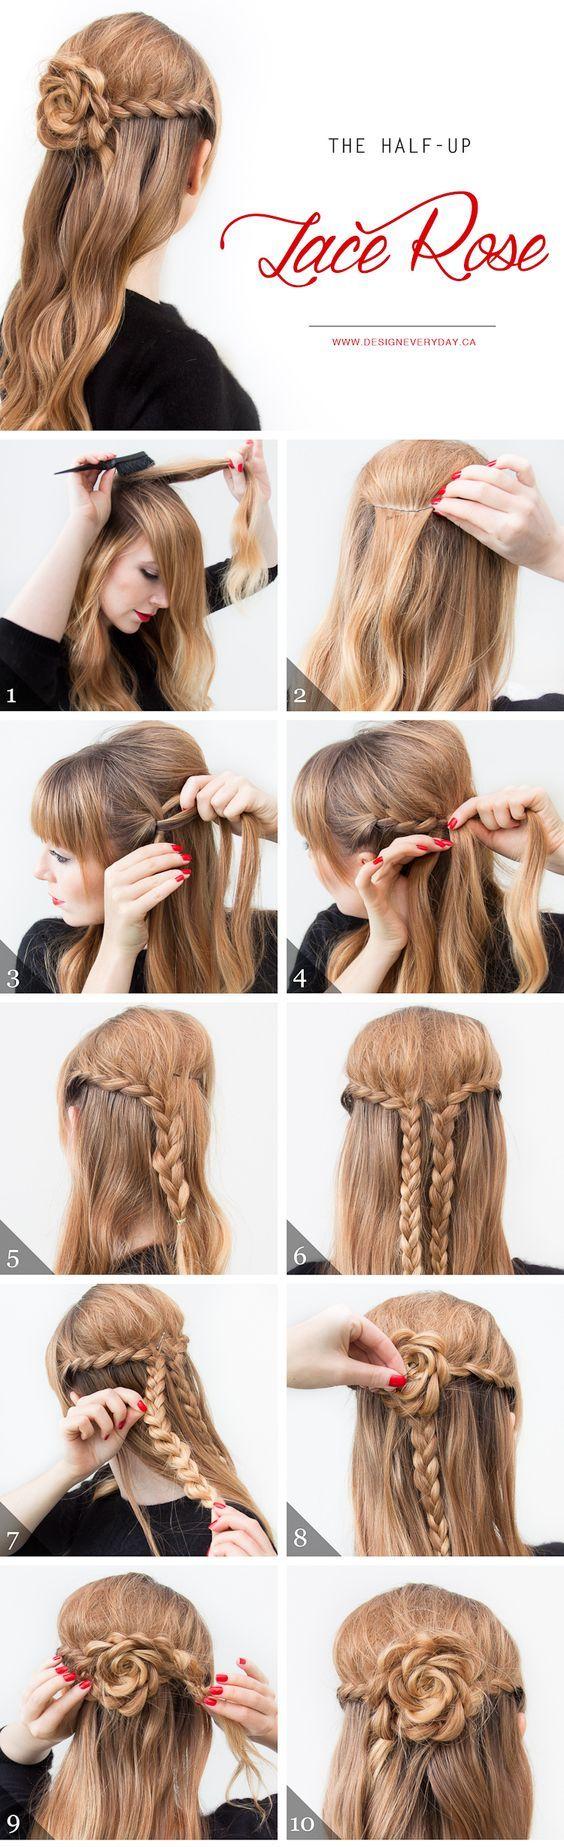 Hair Loop Frisuren Anleitung Neueste Frisur Galerie